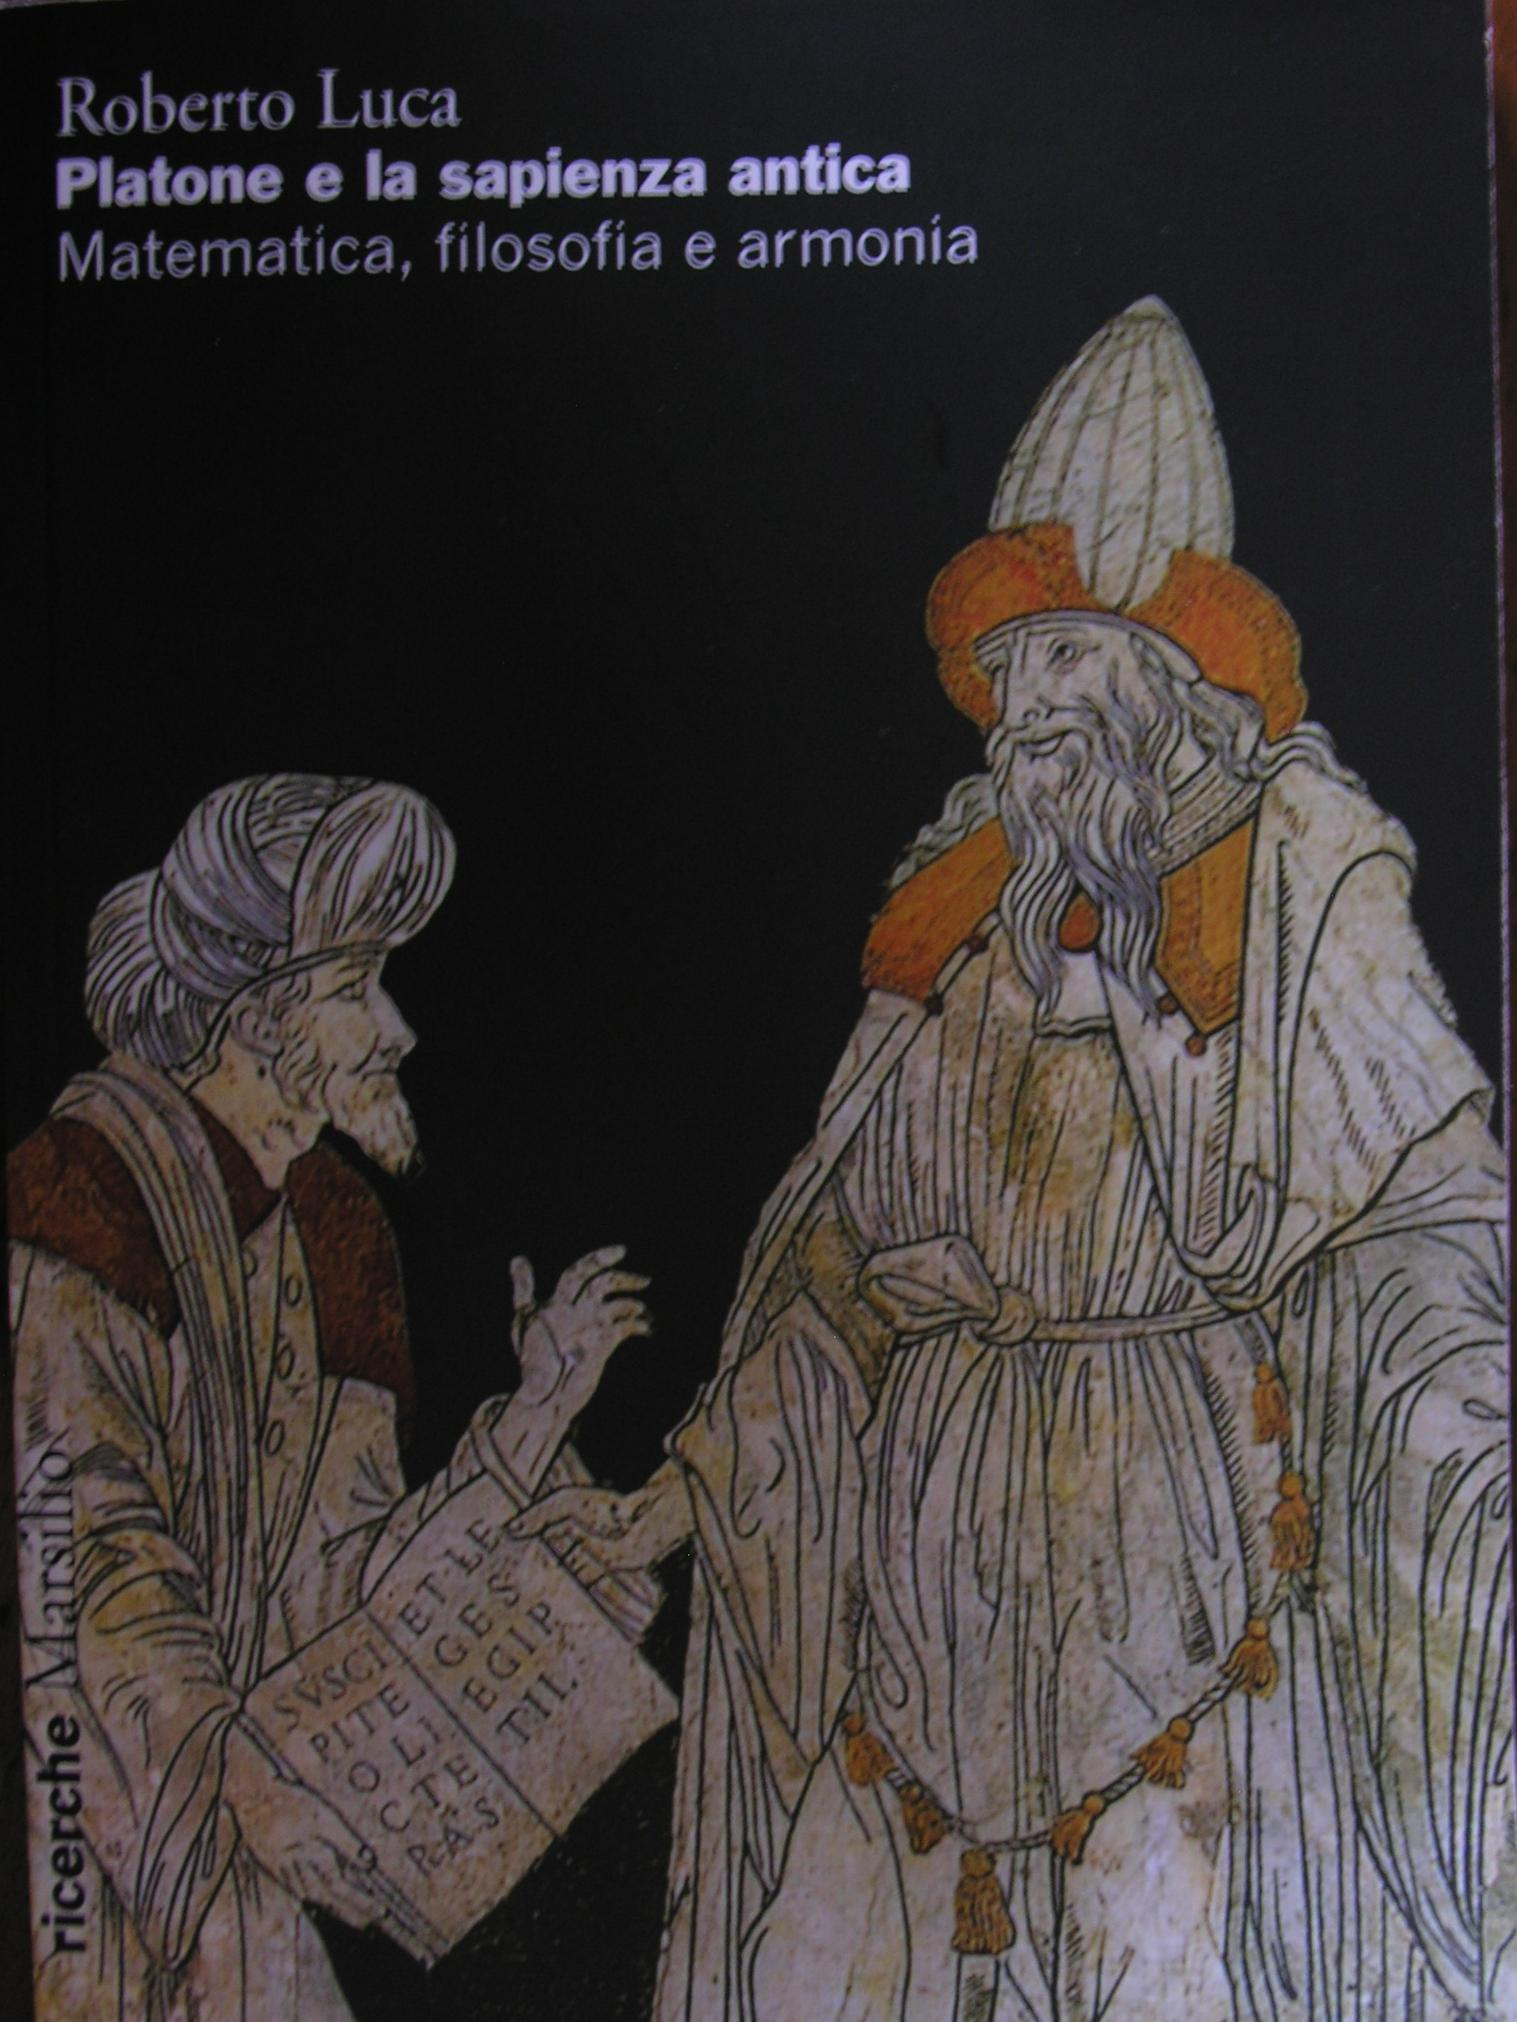 Platone e la sapienza antica